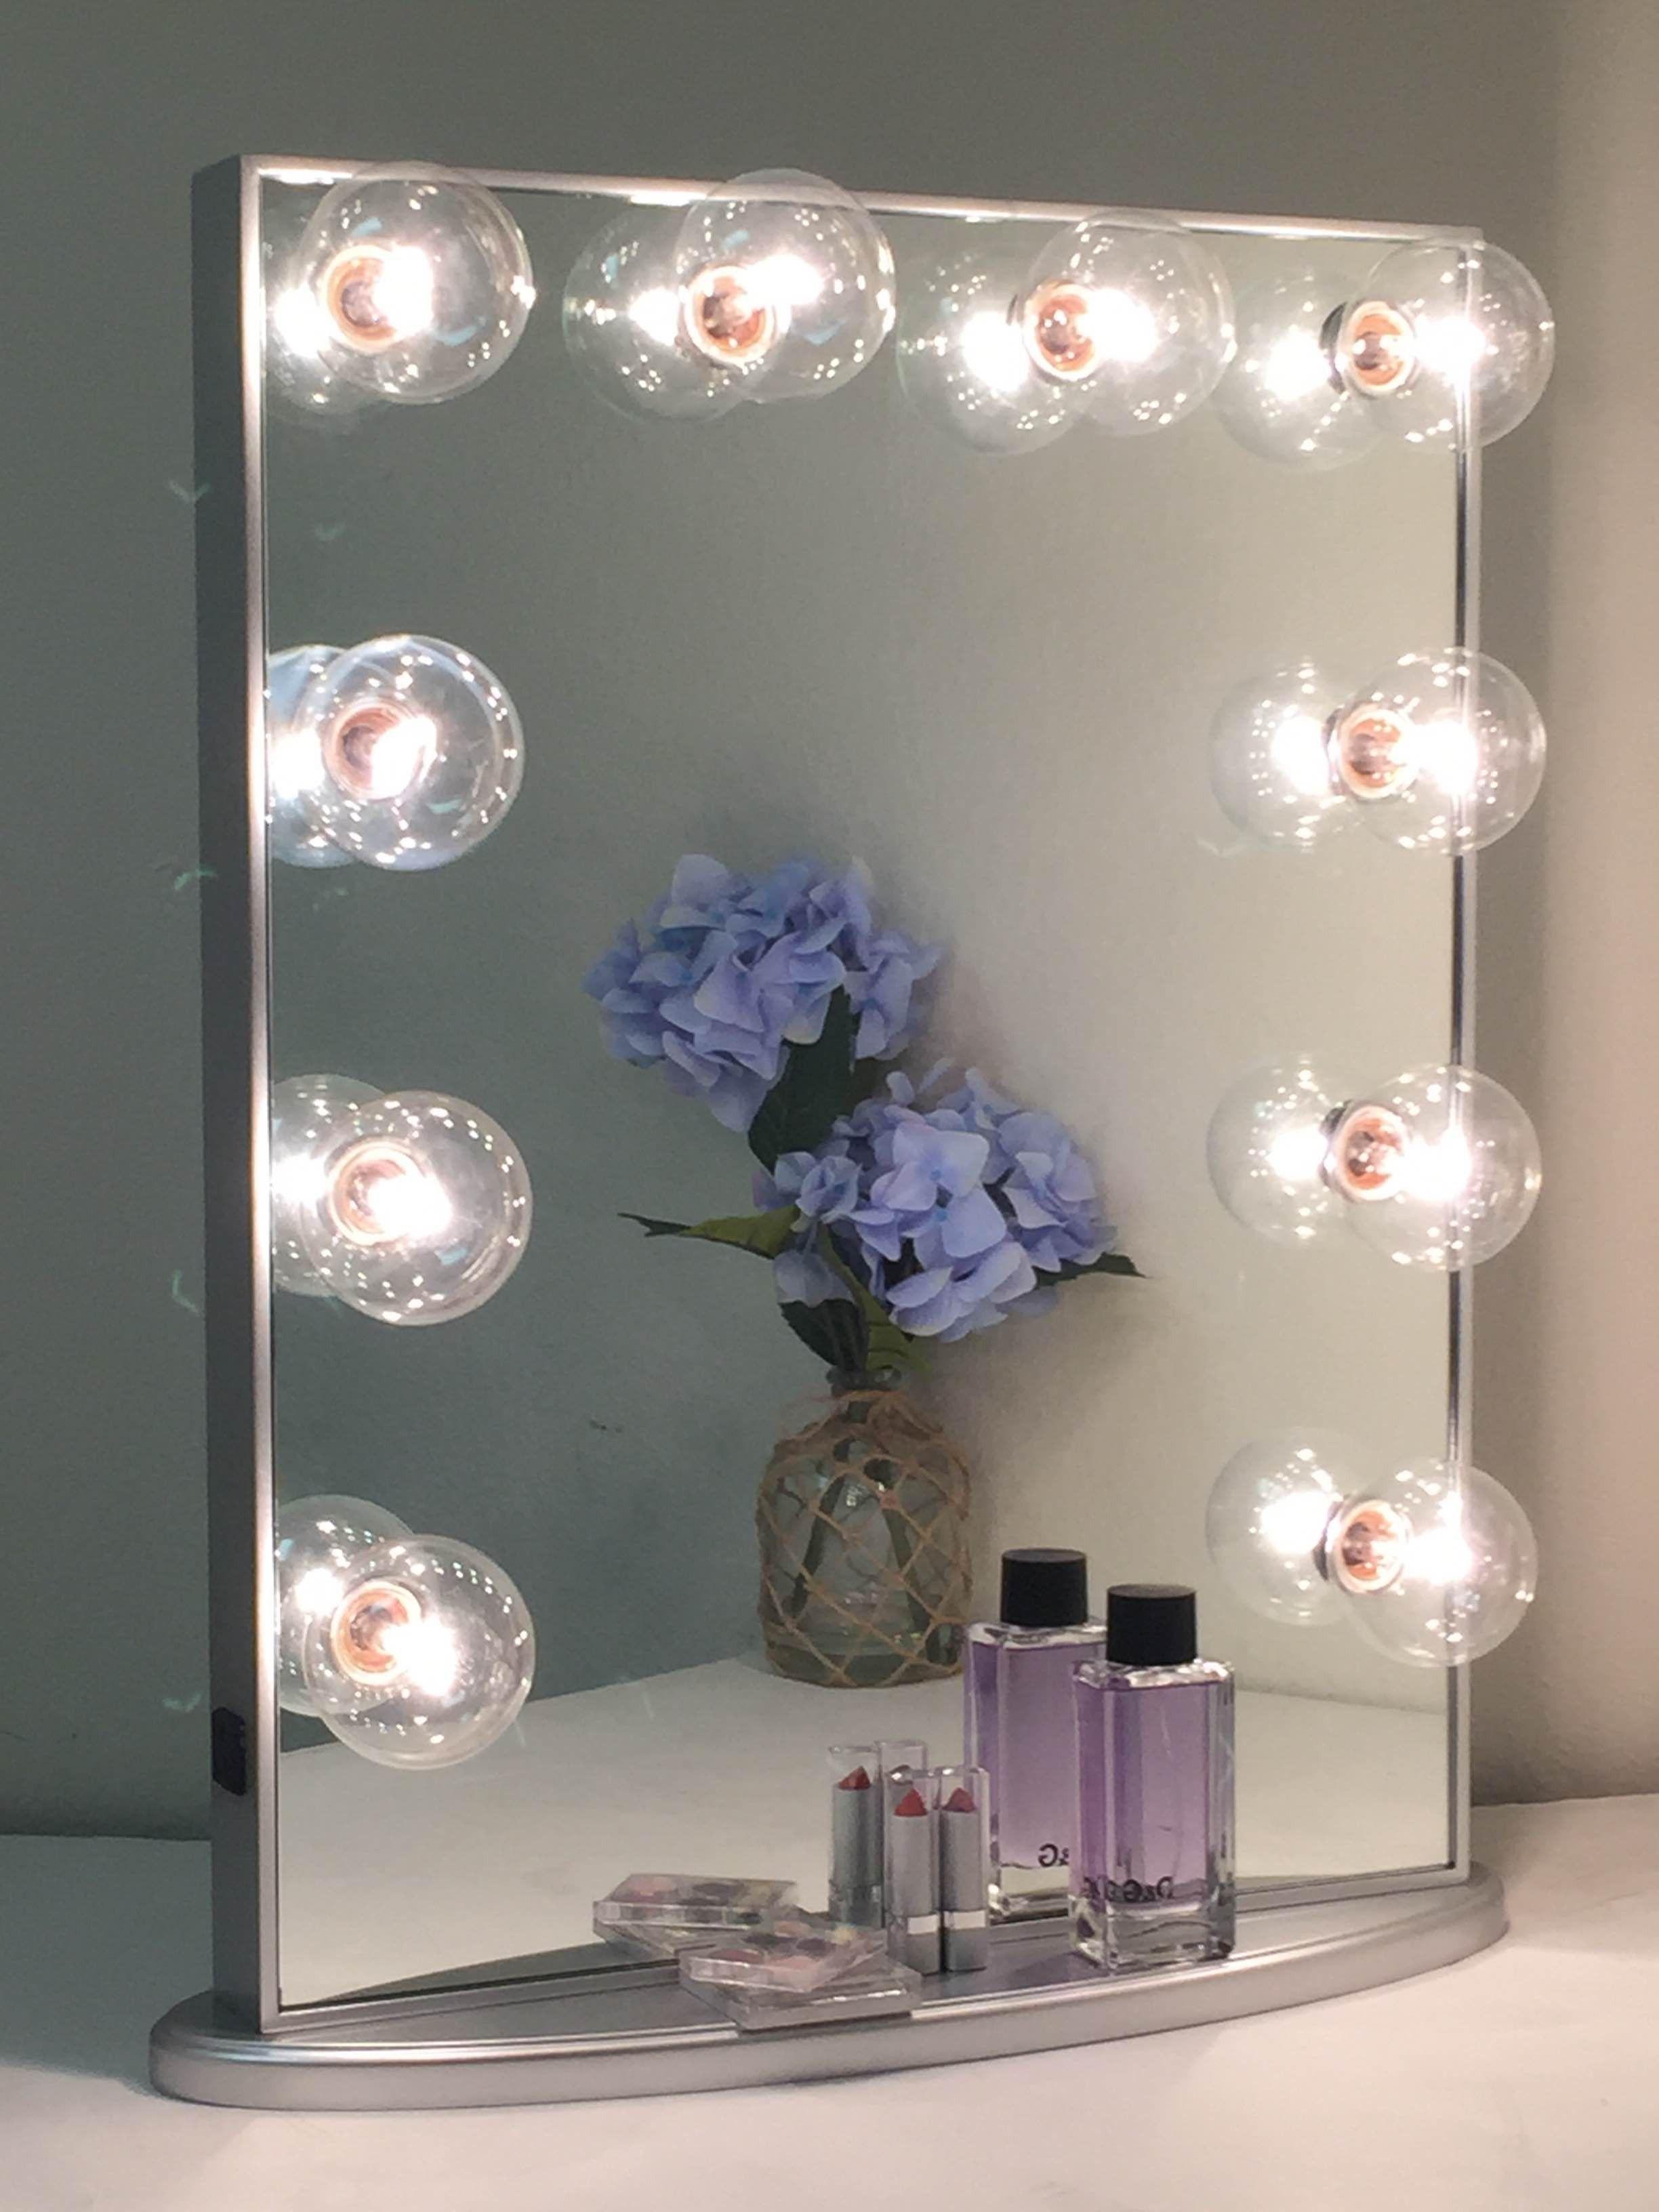 Impressions Vanity Hollywood Glow Vanity Mirror War Vanity